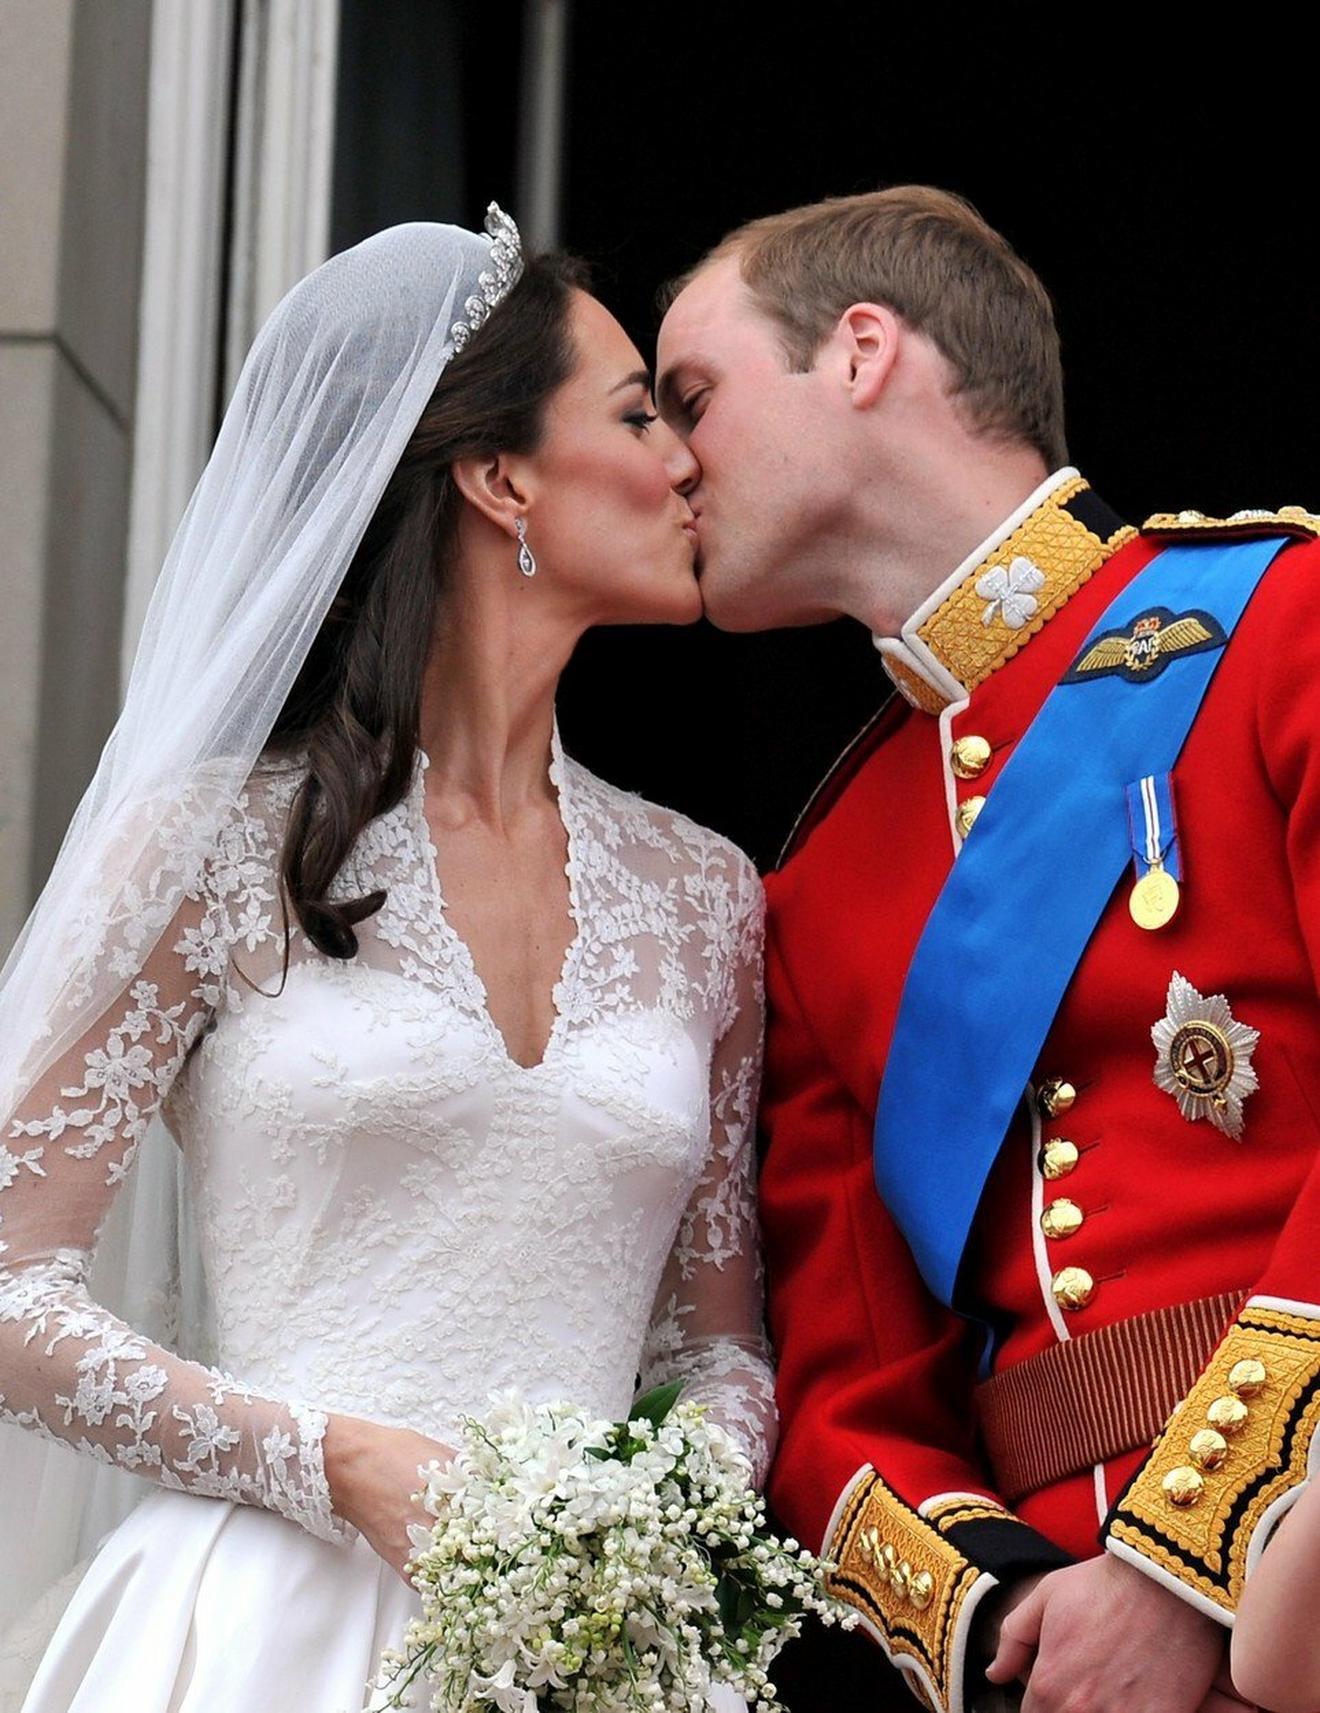 Kejt i Vilijam na venčanju 2011. u Londonu